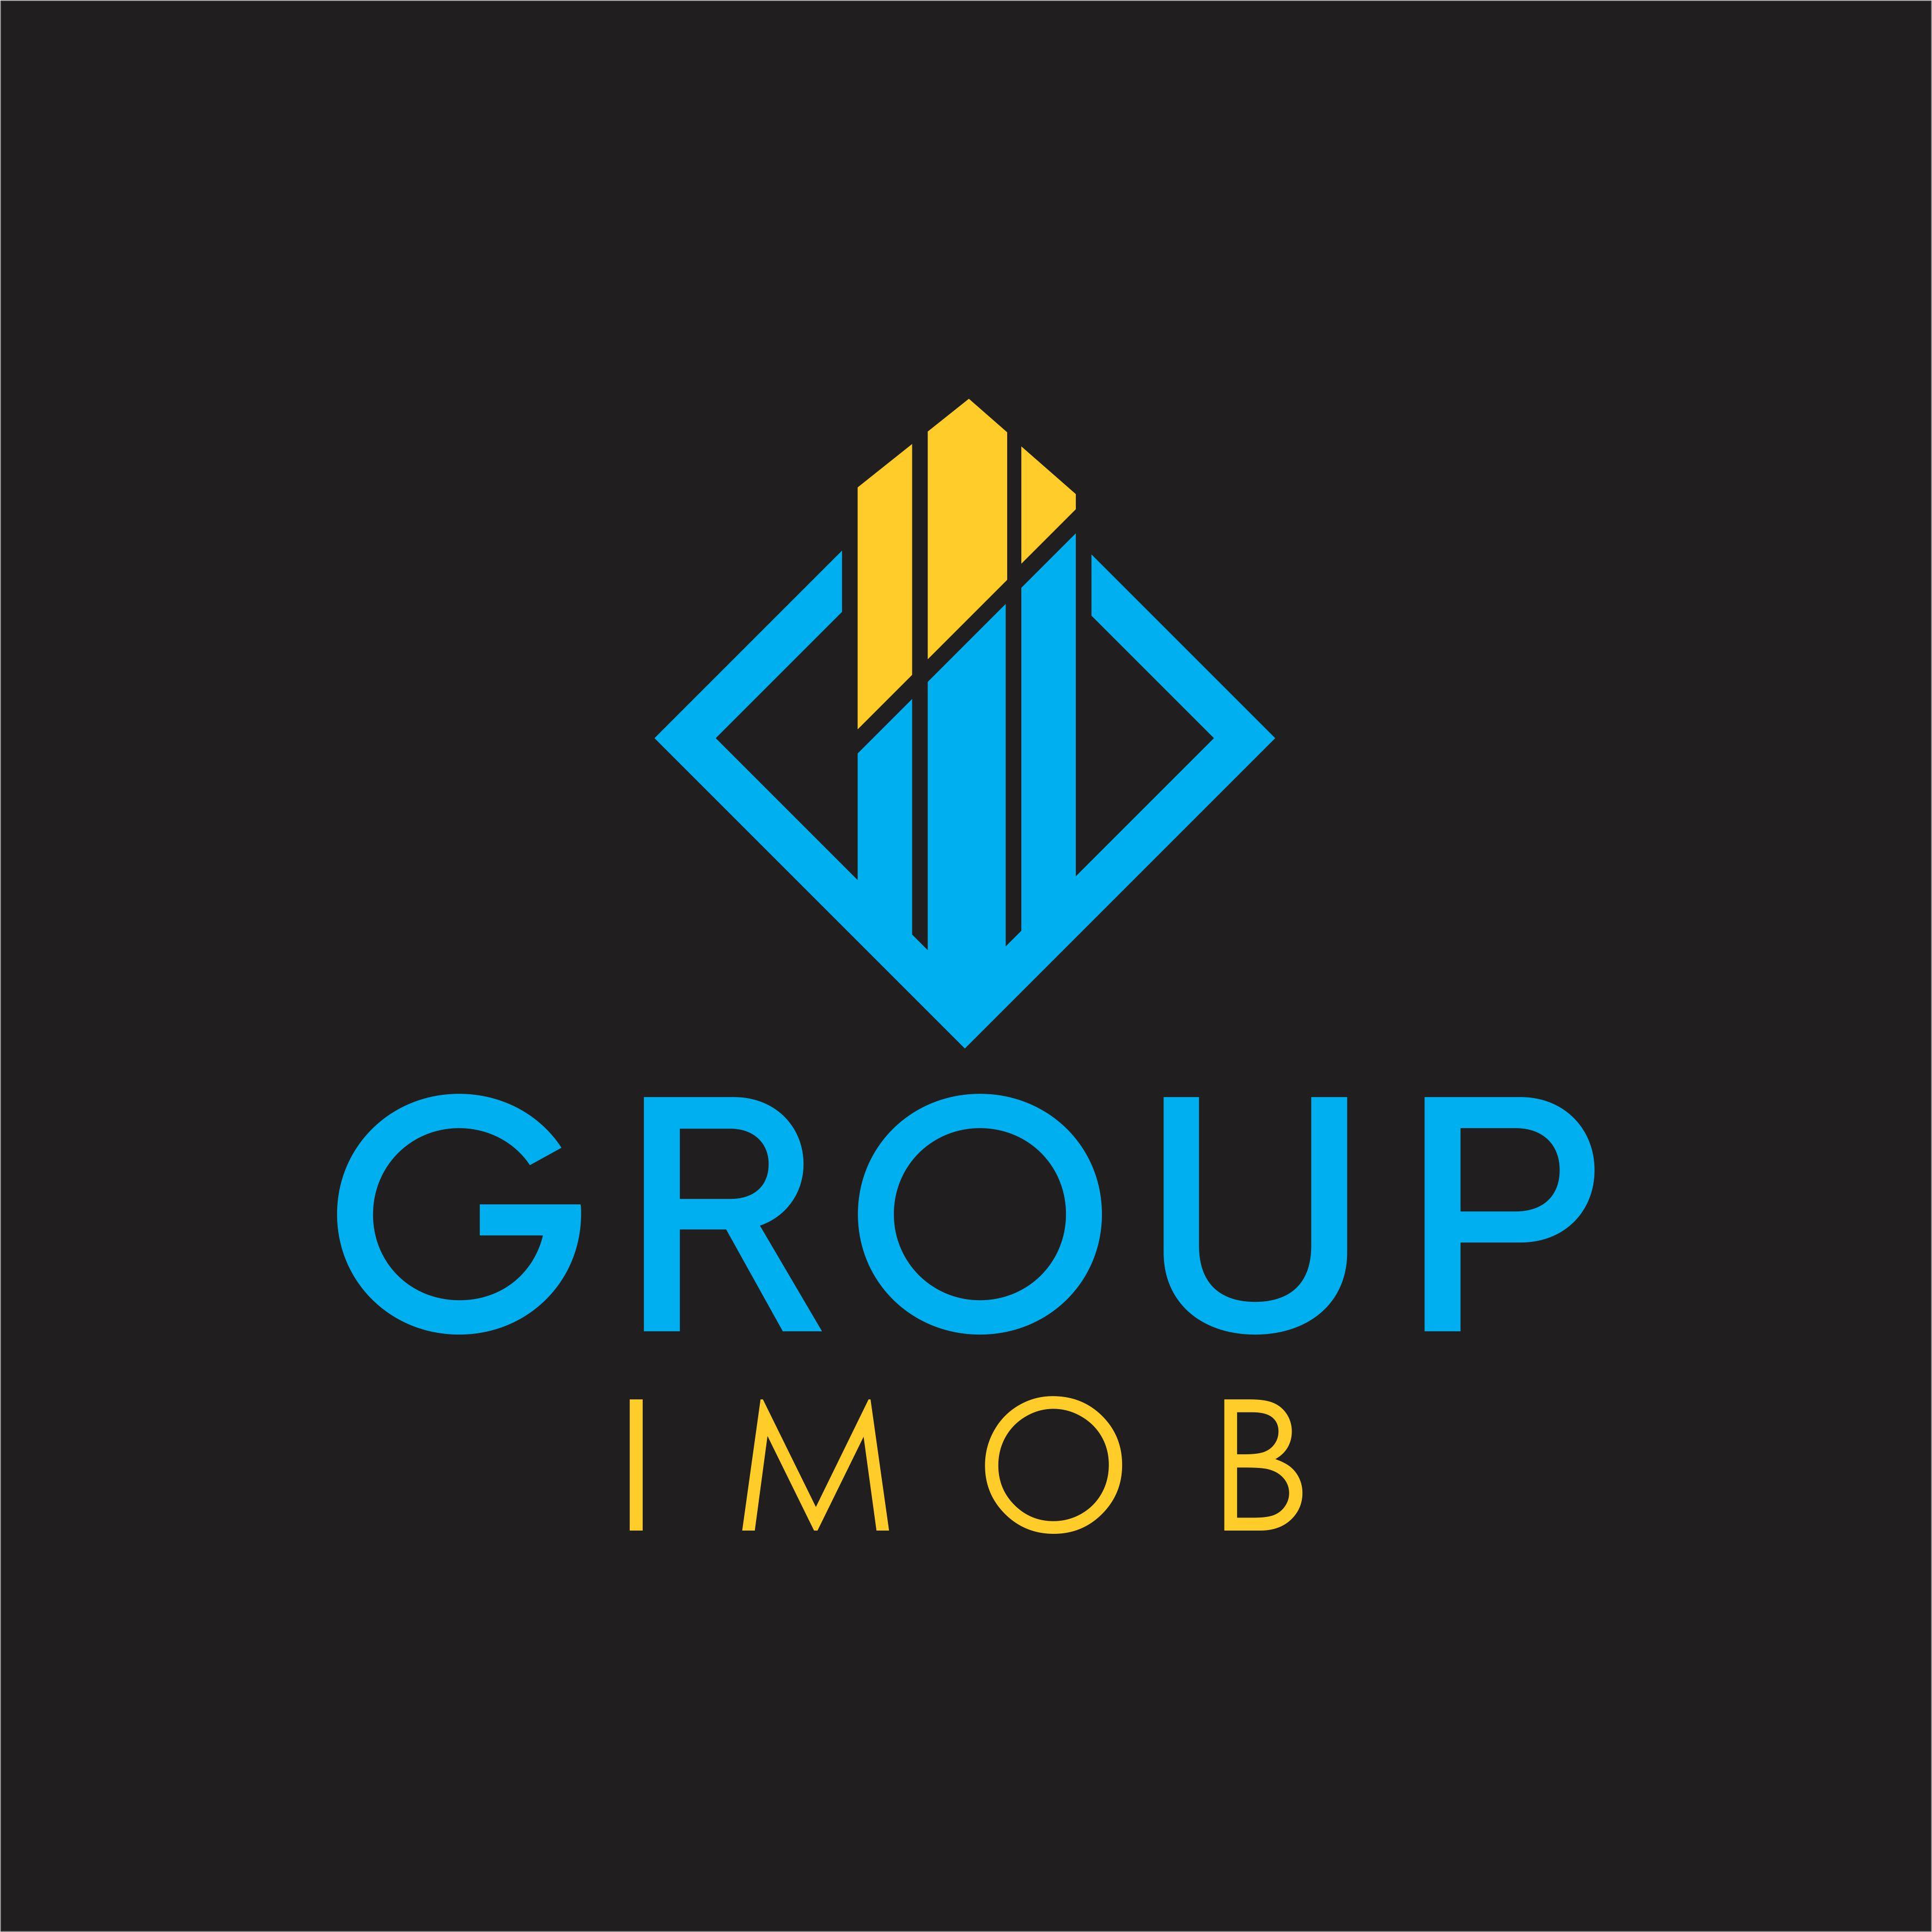 Group Imob